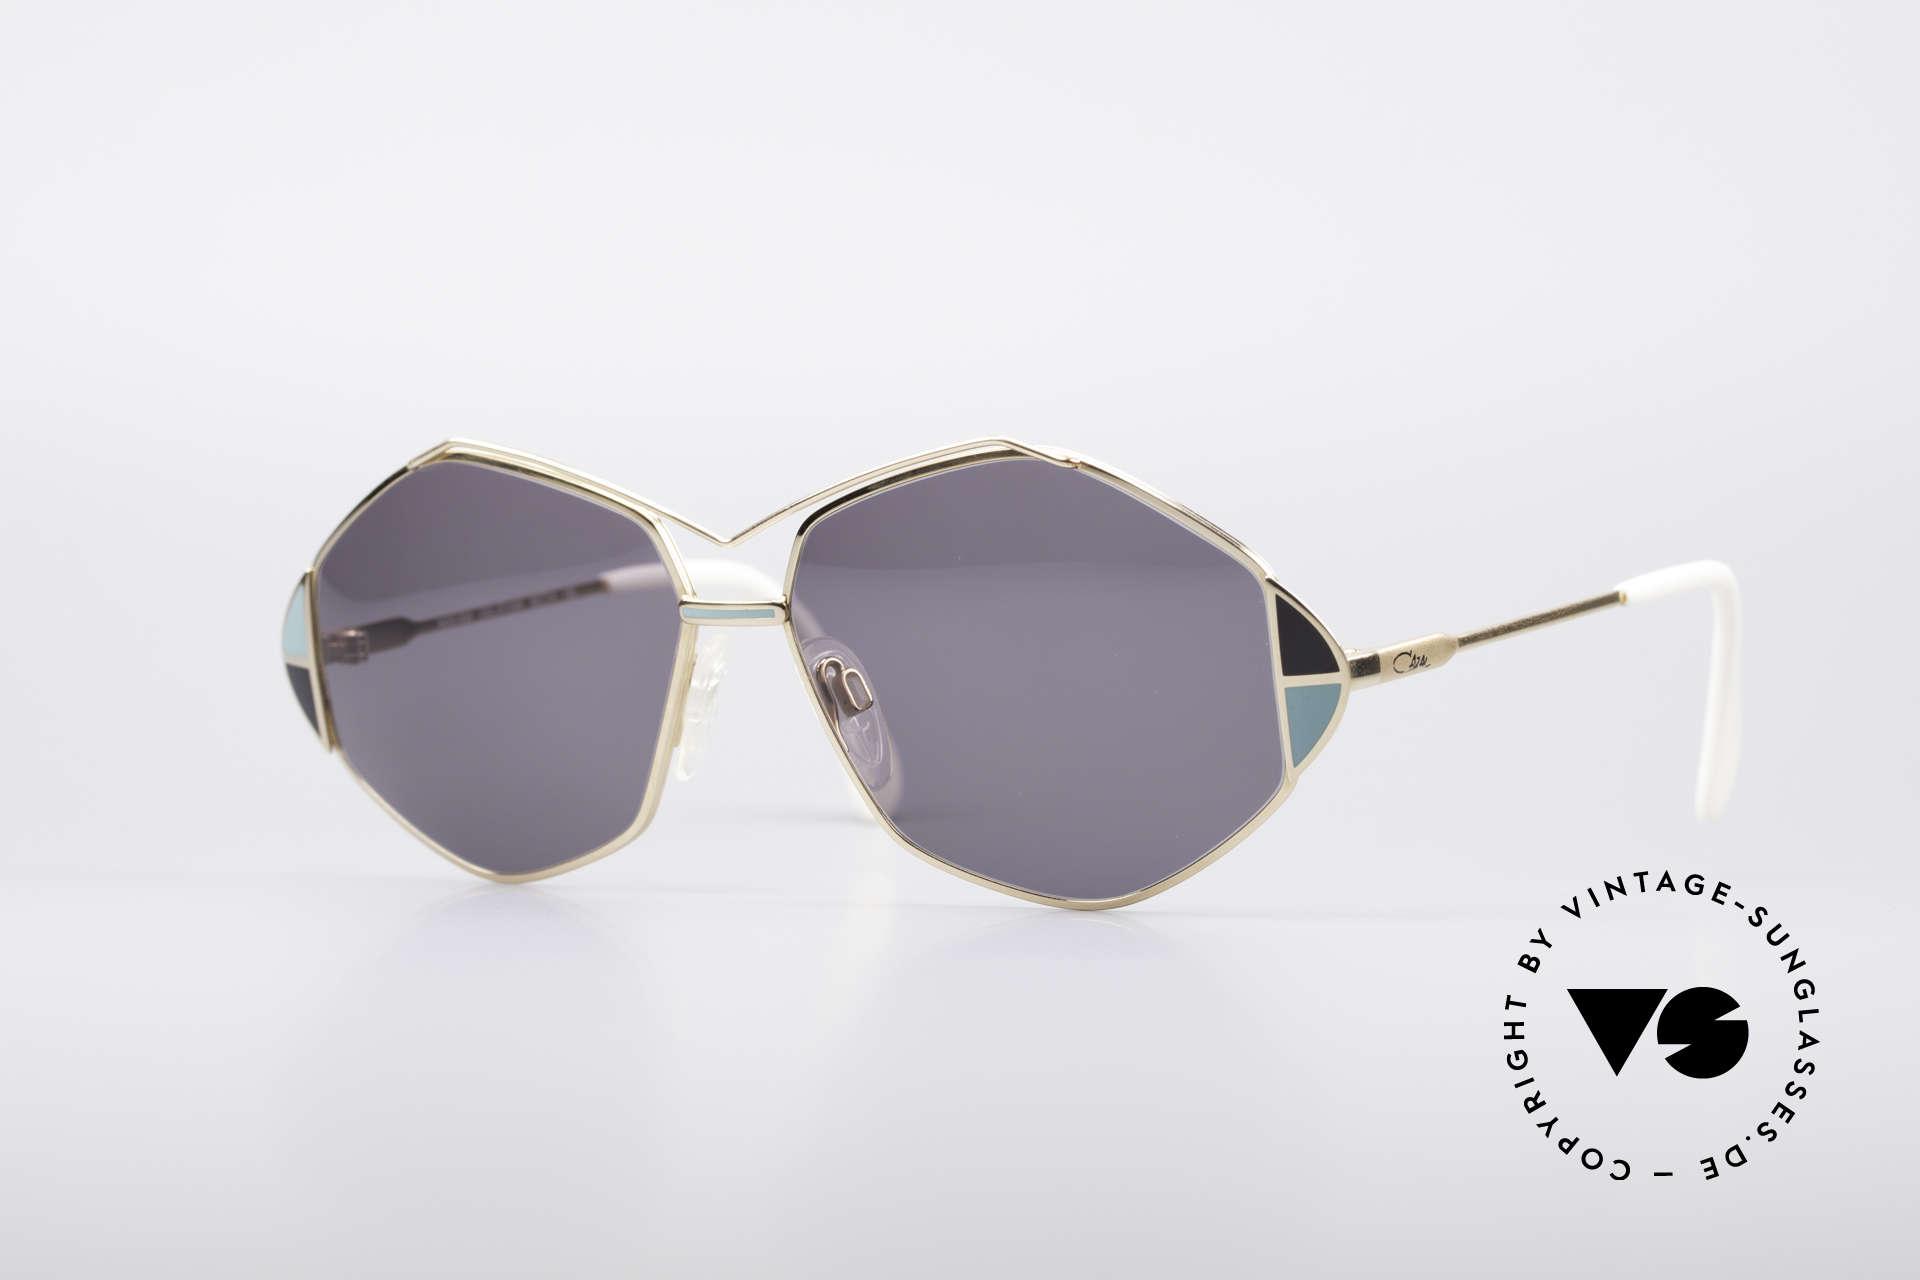 Cazal 233 80er Vintage West Germany, außergewöhnliche Cazal Sonnenbrille von 1989, Passend für Damen